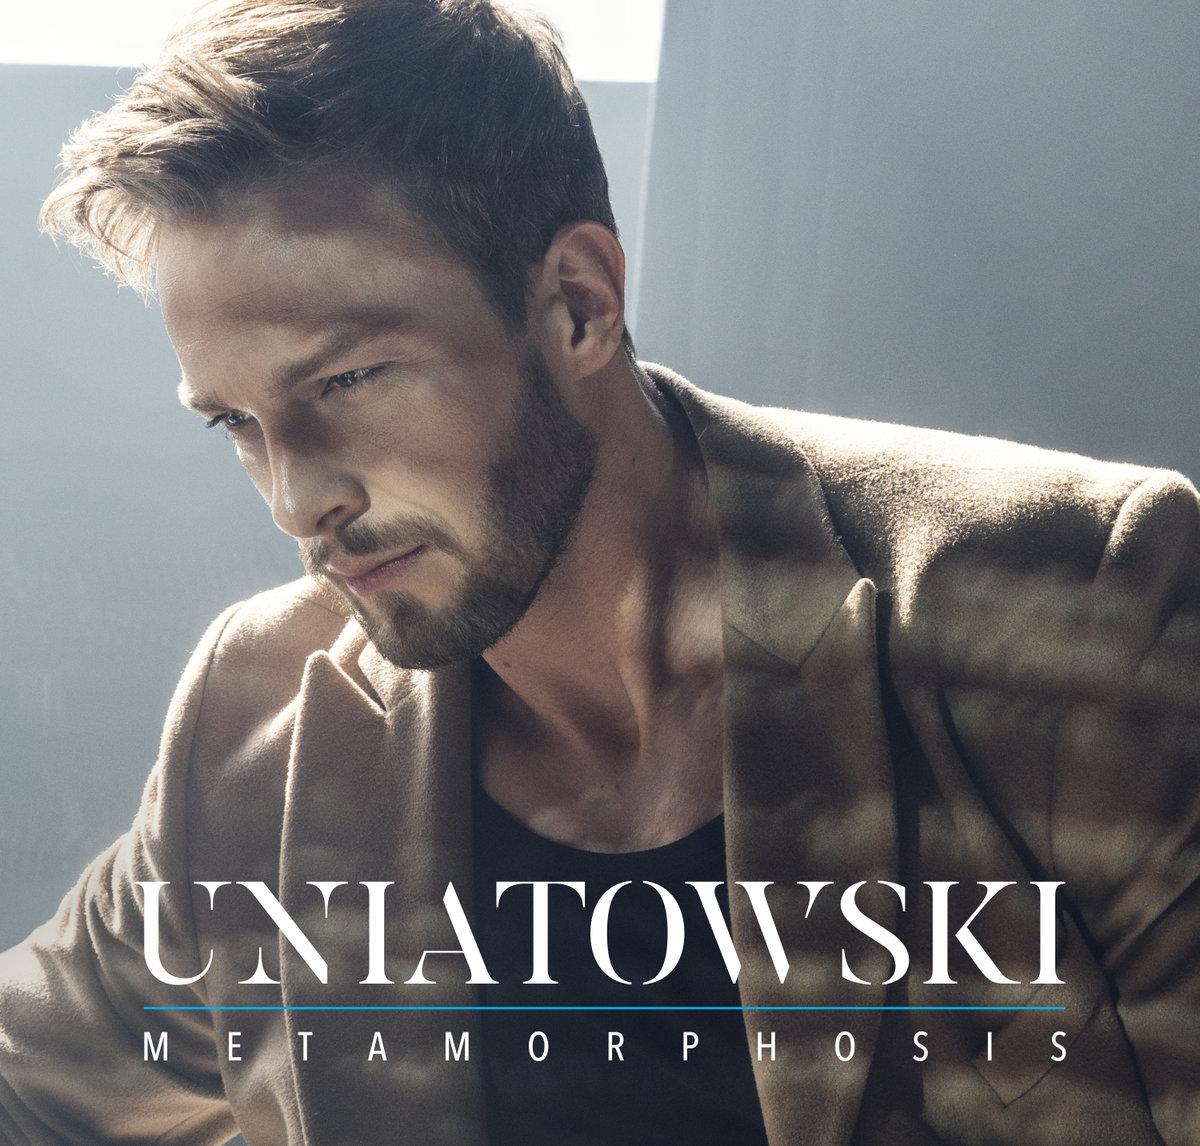 Uniatowski – Metamorphosis